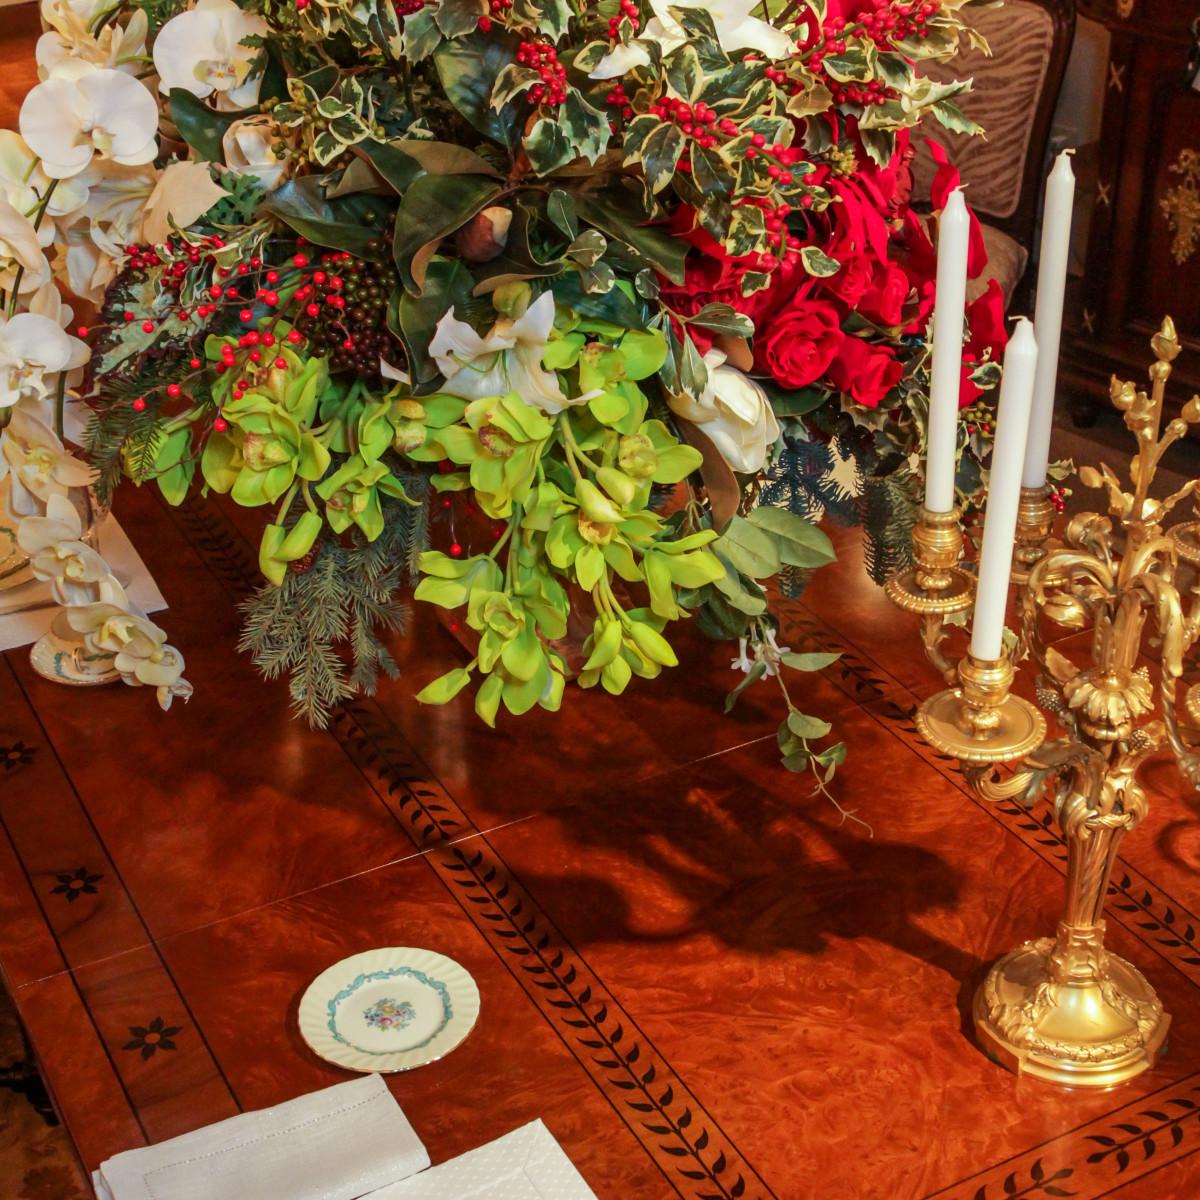 News, Houston Design Center, Deck the Tables, Dec. 2015 Charlotte Nail Antiques